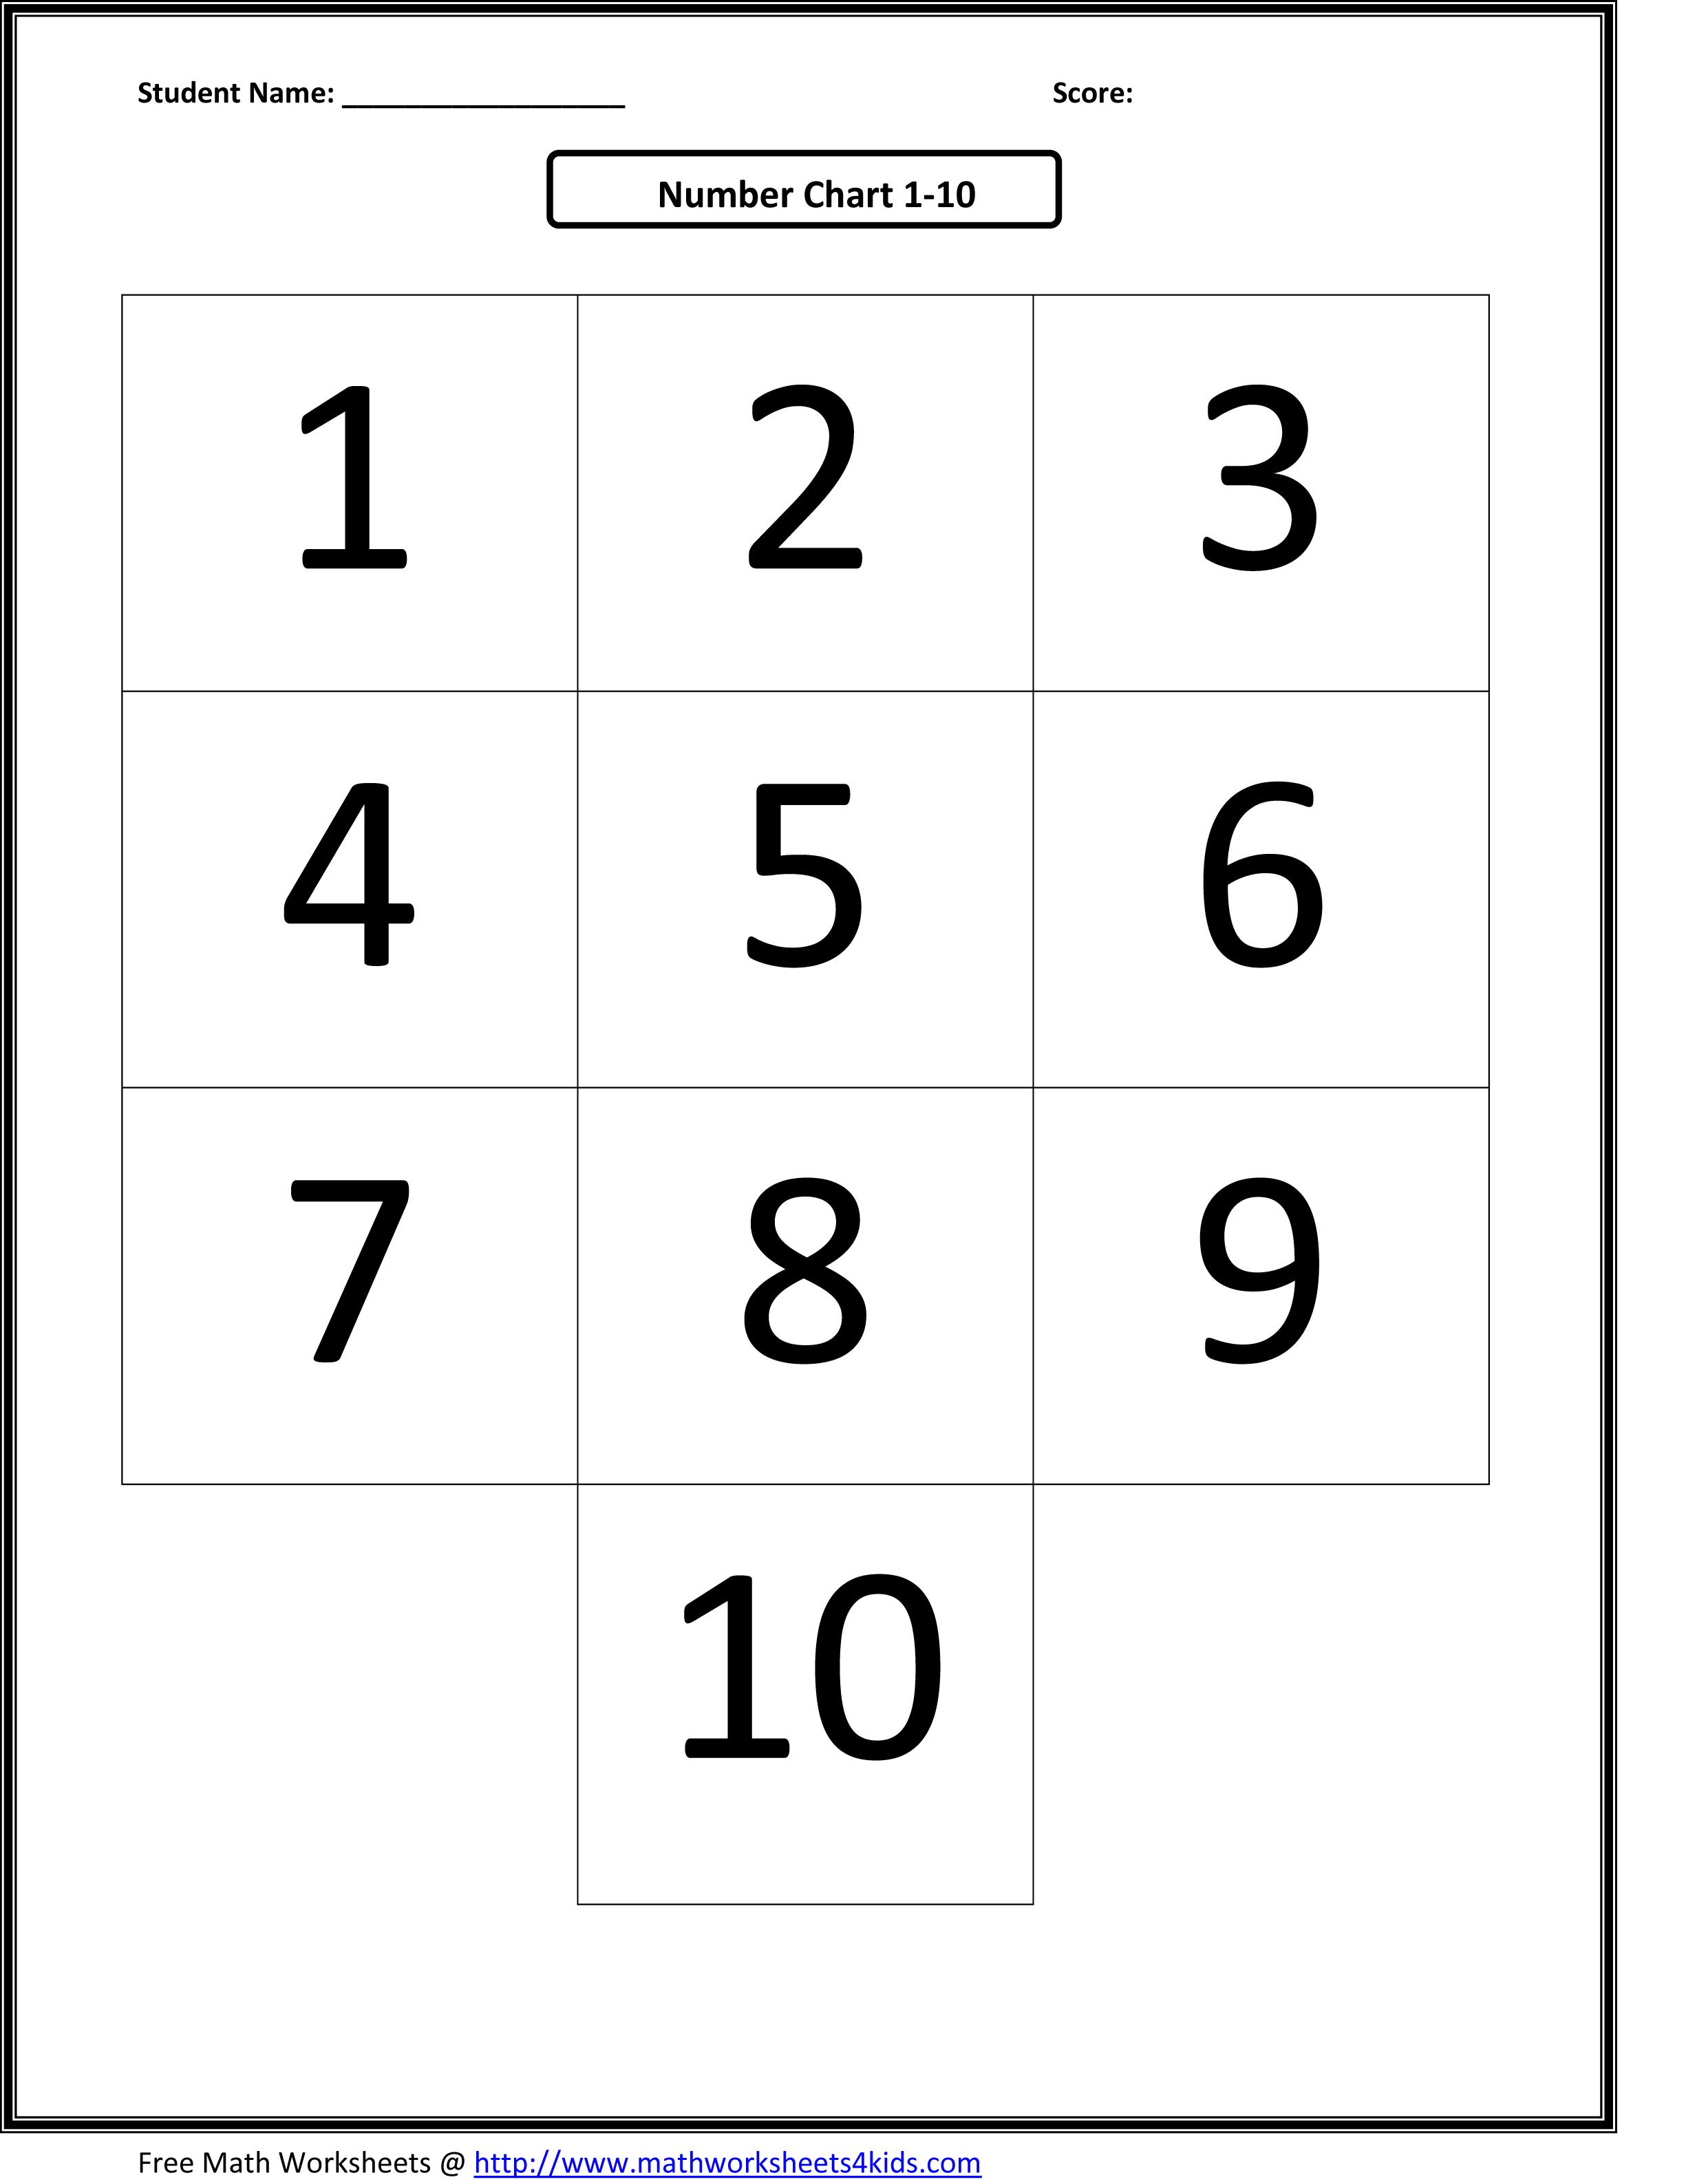 Numbers 1 Through 10 - Karis.sticken.co | Printable Worksheets For Preschoolers On Numbers 1 10